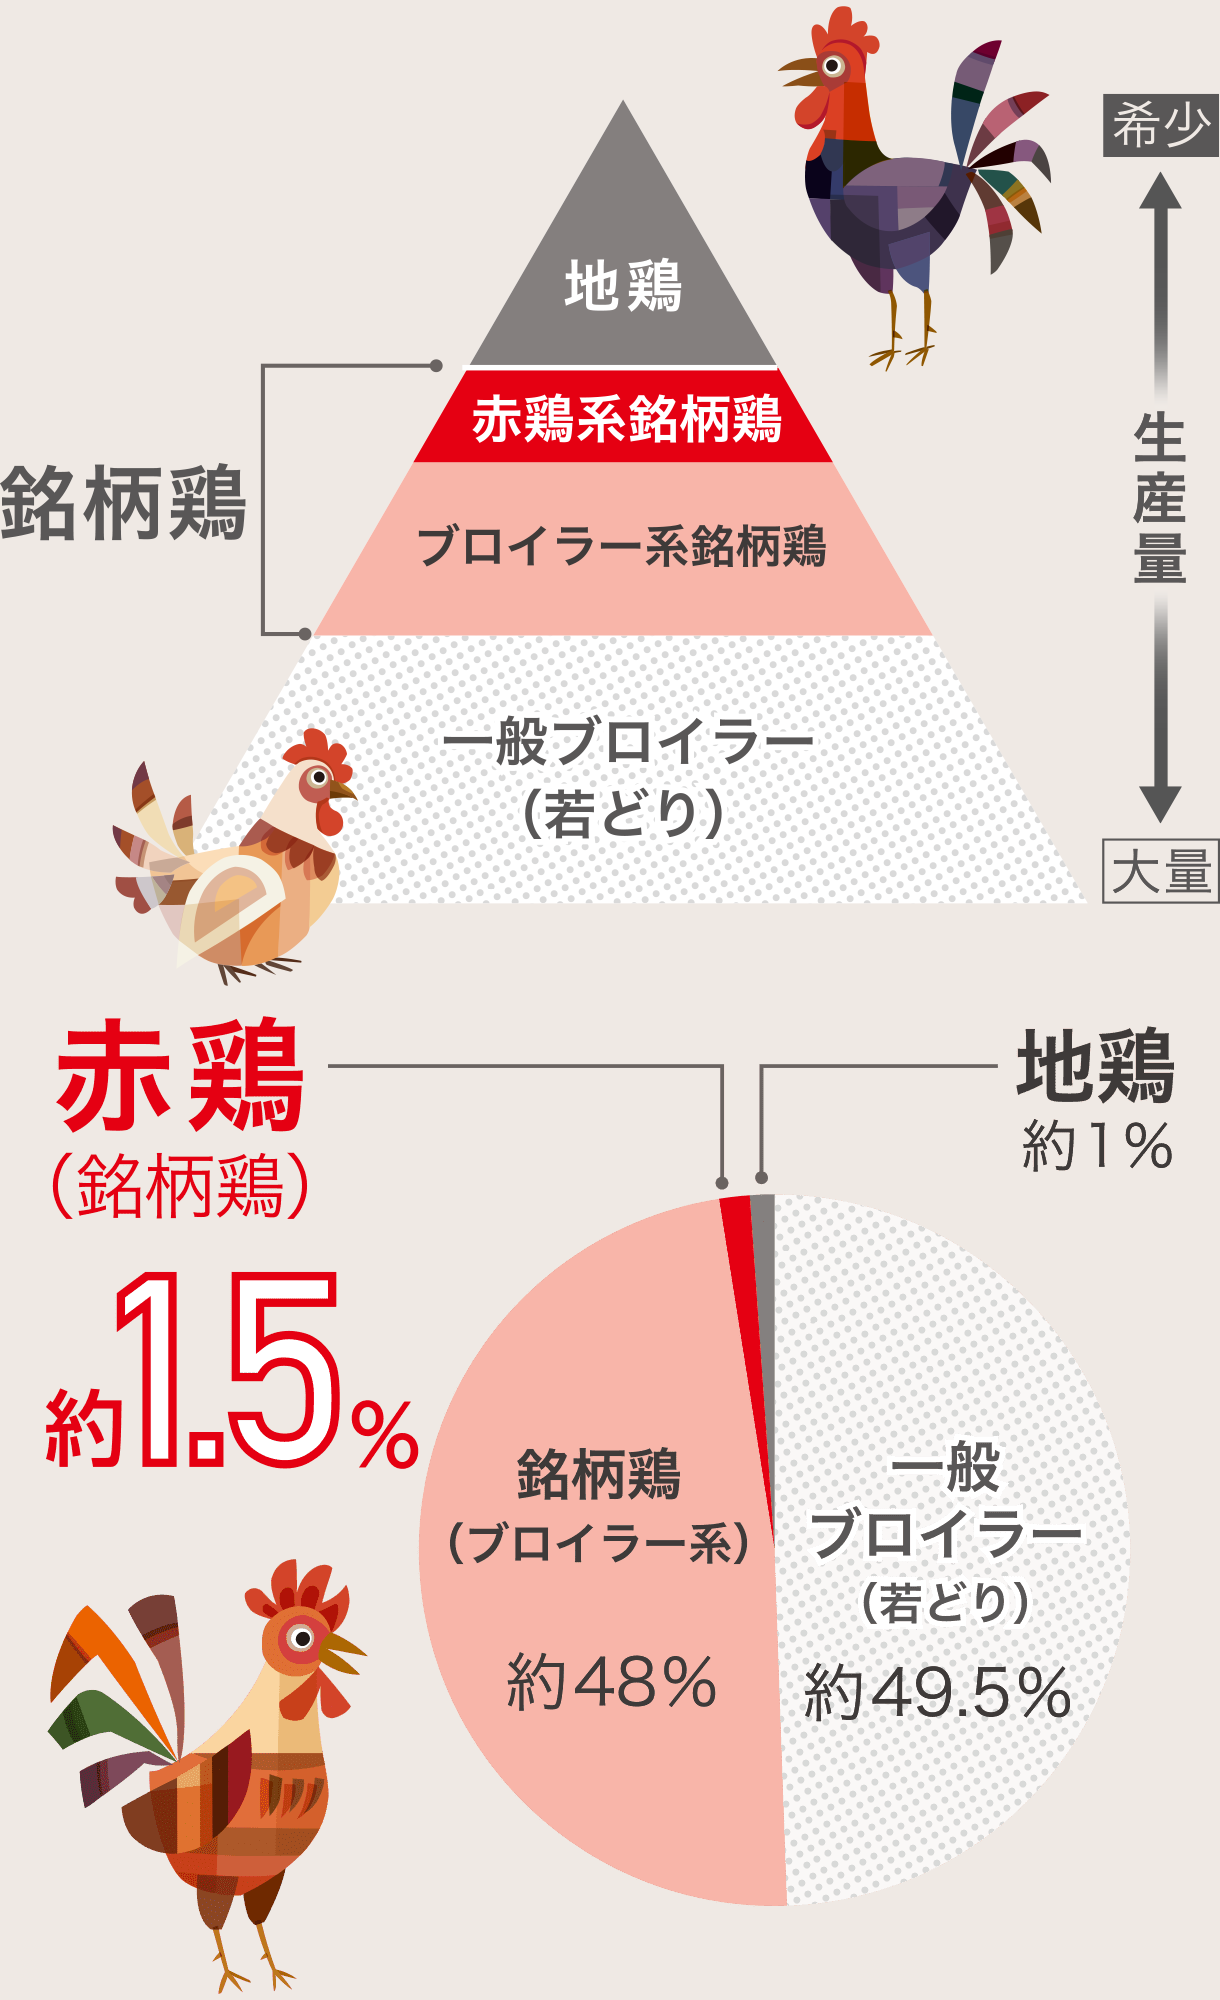 国内鶏肉比率